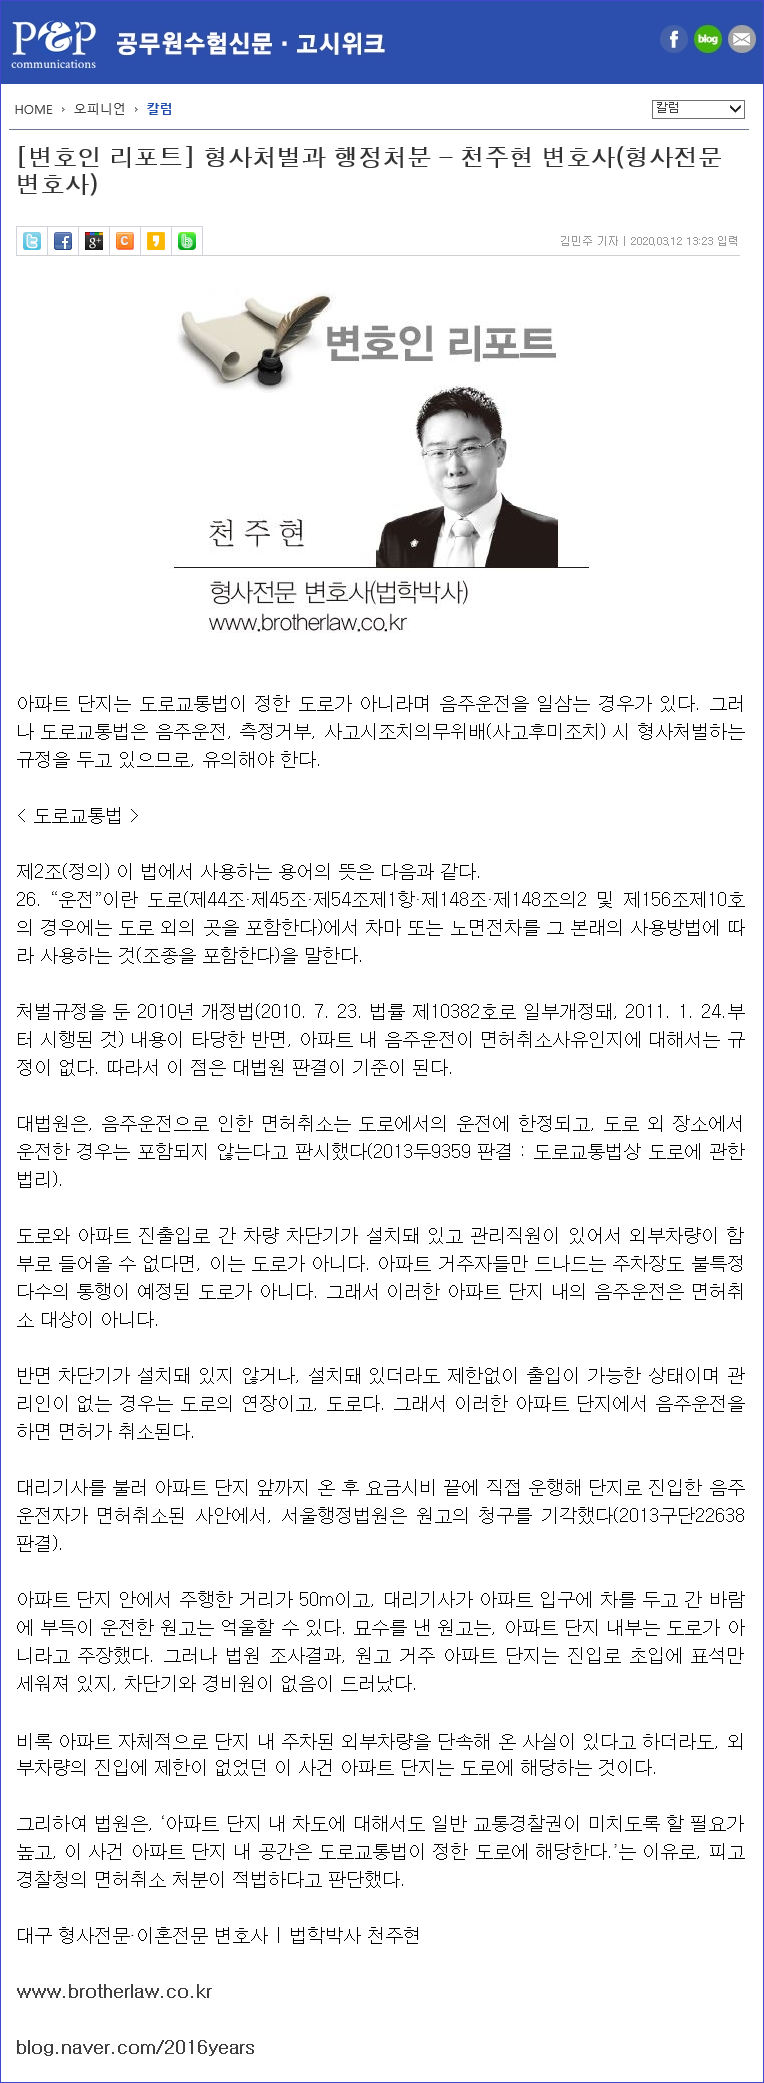 200312-변호인 리포트(형사처벌과 행정처분)-블로그용.png